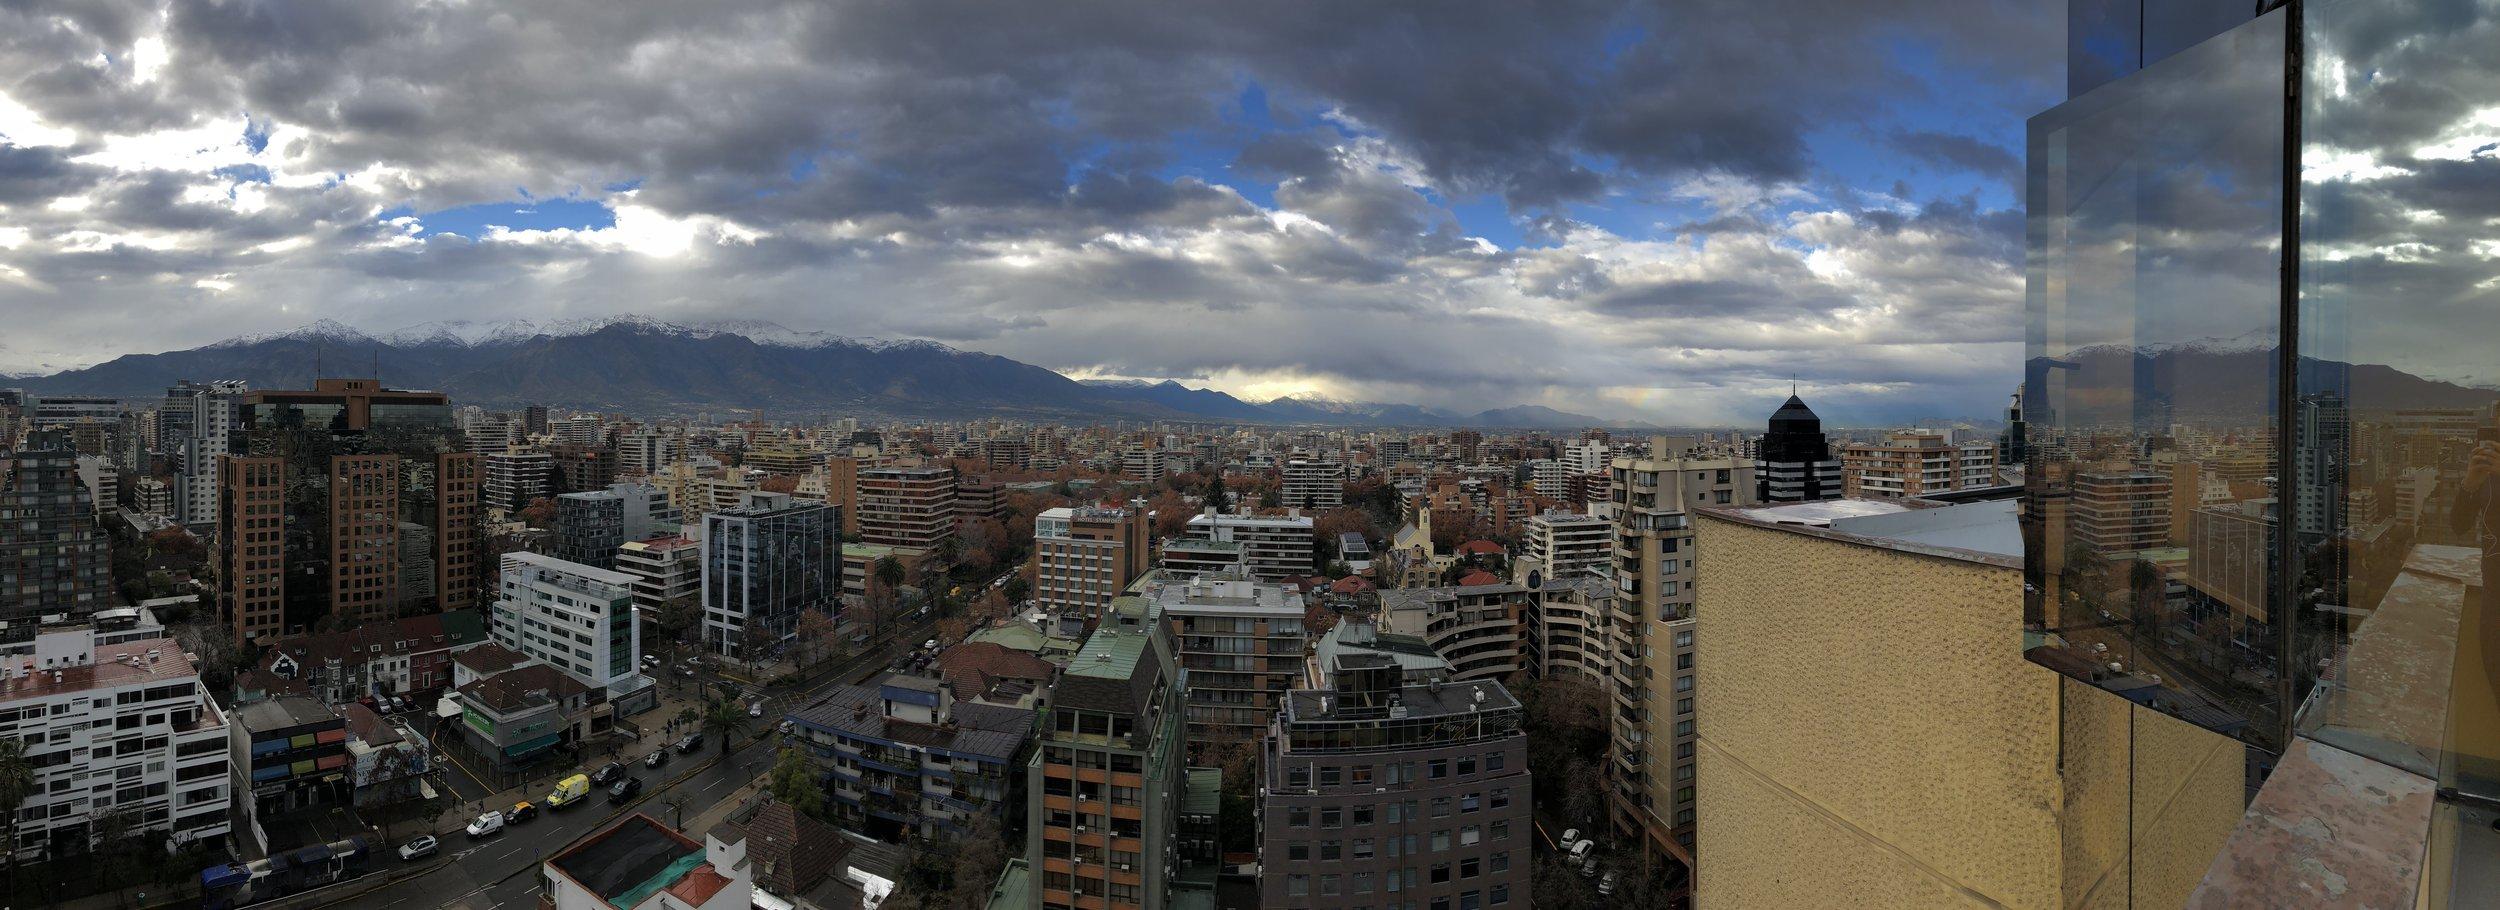 Santiago-View